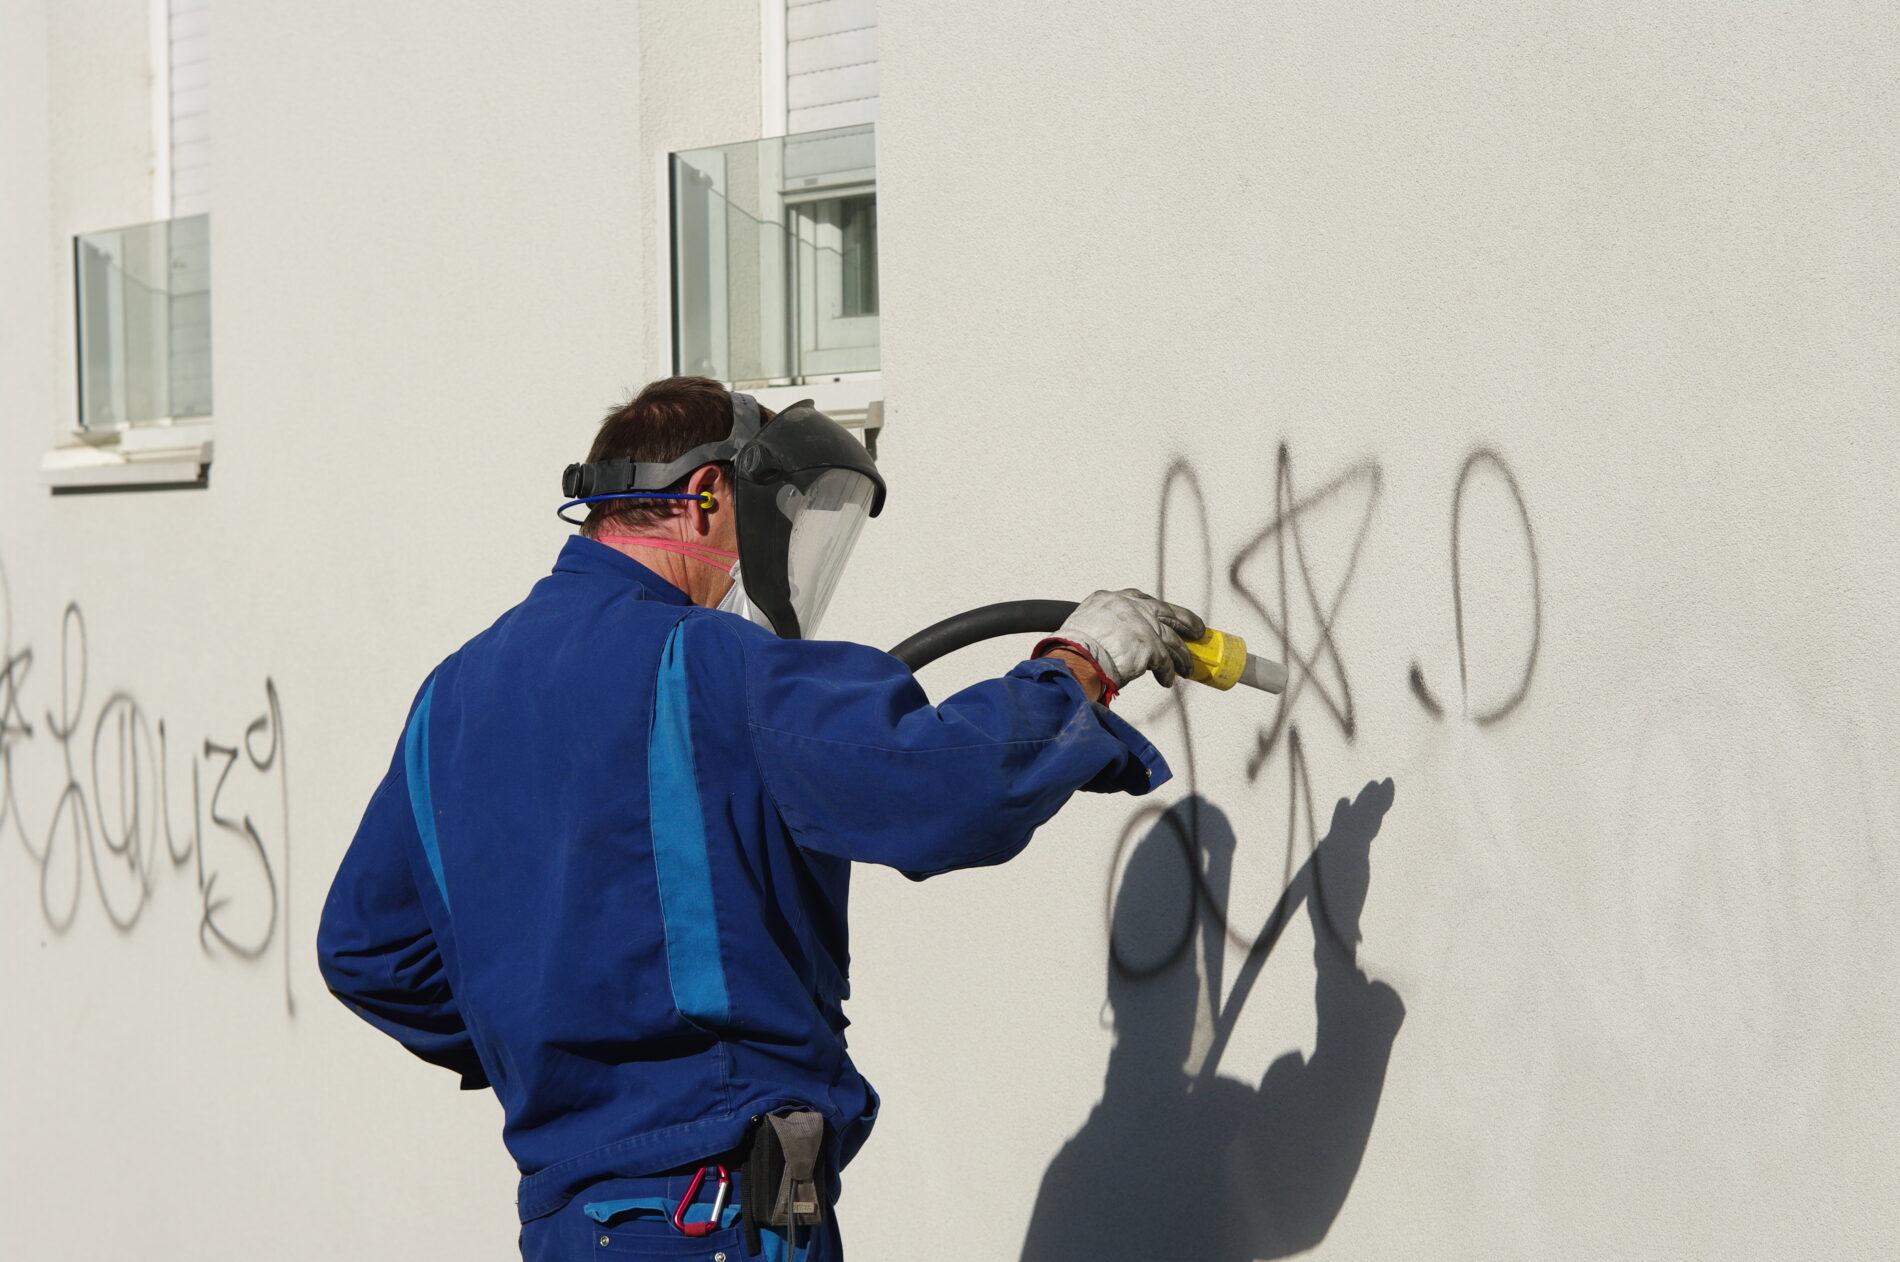 Graffiti Removal Pressure Clean